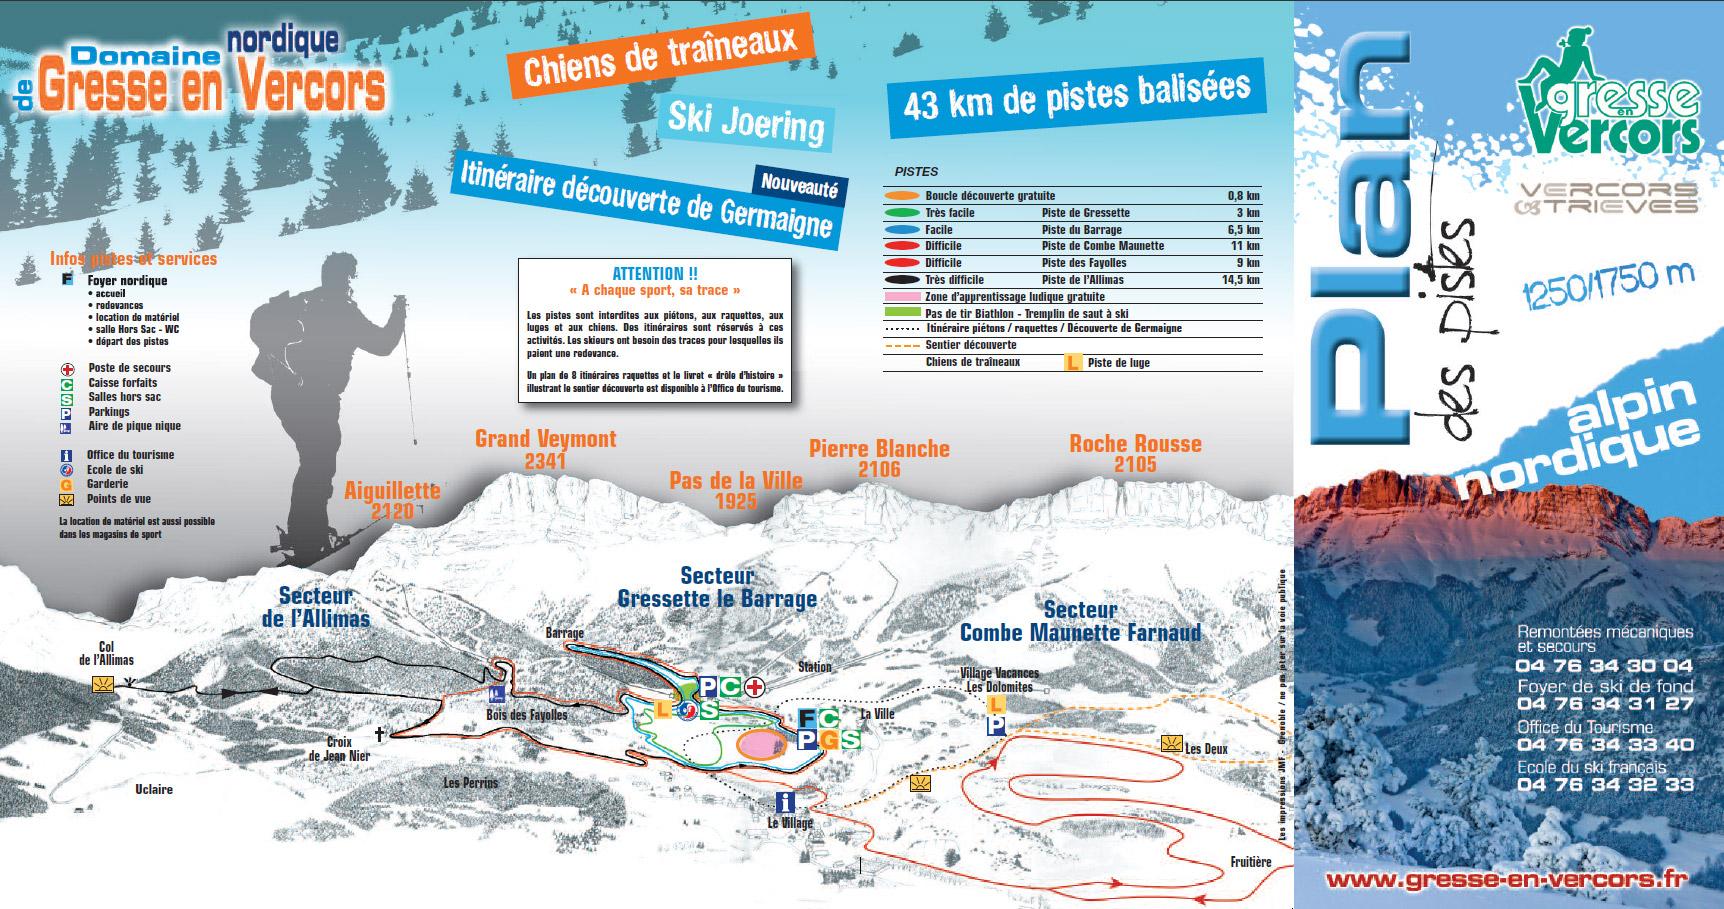 Station de ski gresse en vercors alpes du nord is re - Office de tourisme de gresse en vercors ...